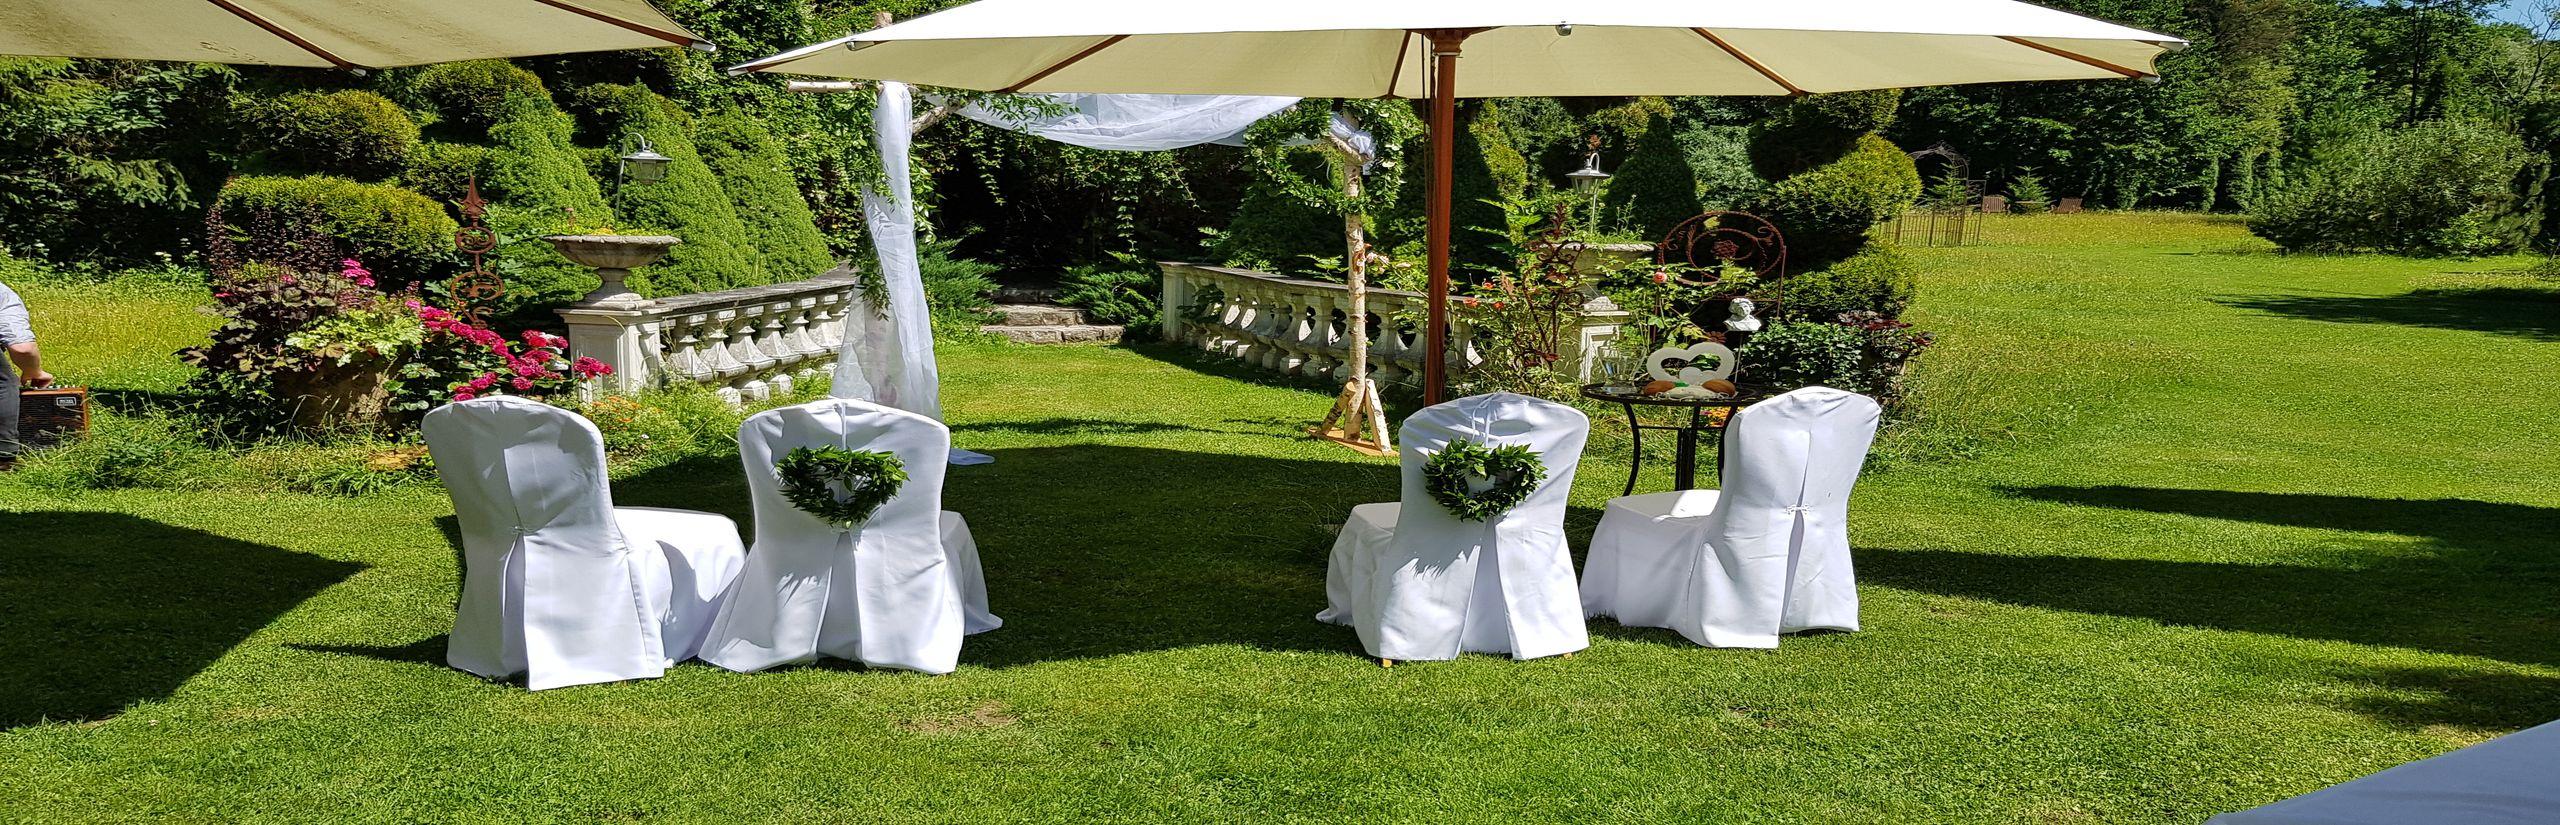 Freie Trauung - Blick auf die Stühle des Brautpaares - Christian G. Binder